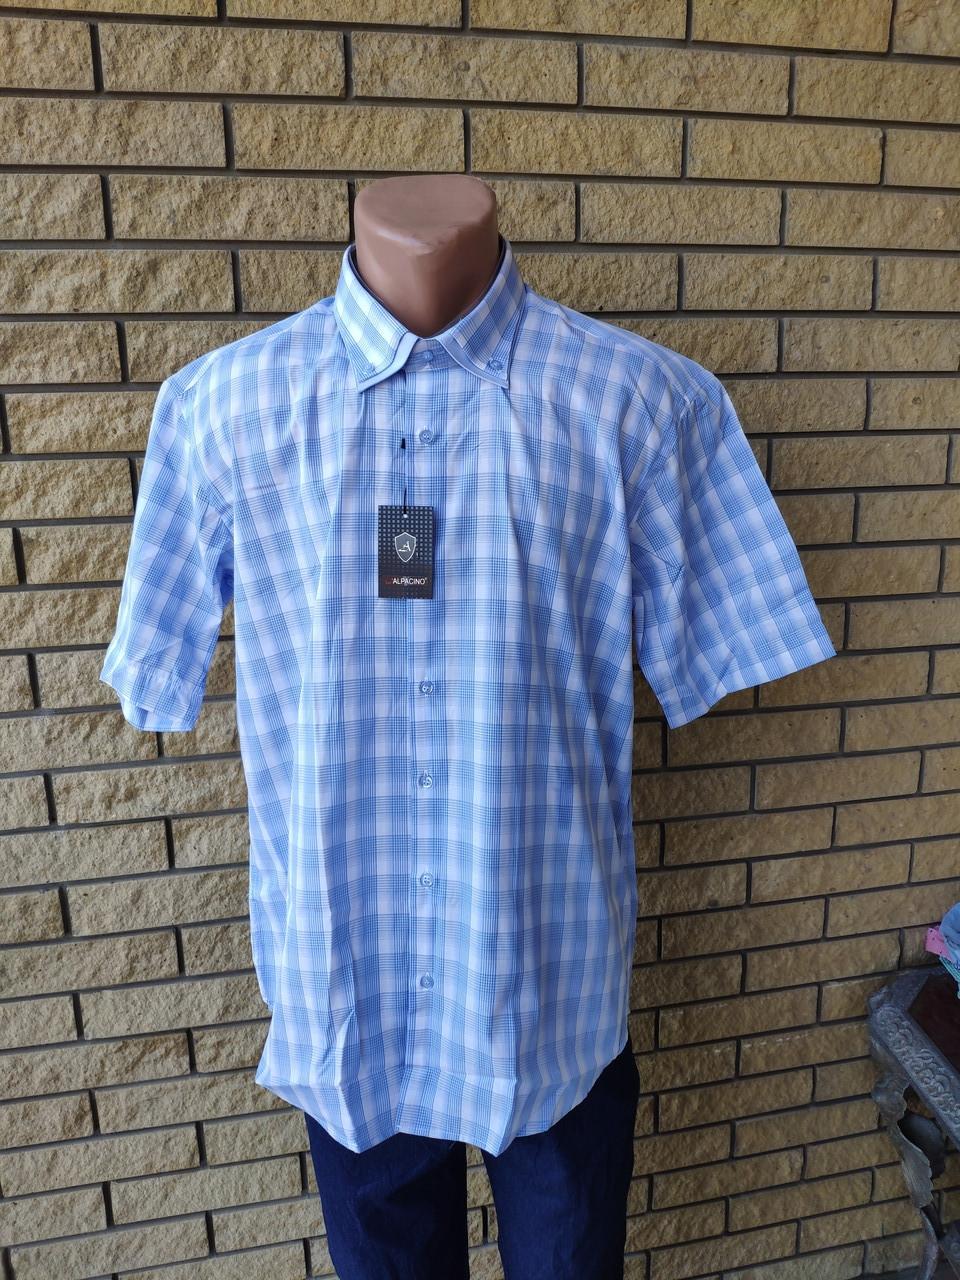 Рубашка мужская летняя коттоновая брендовая высокого качества ALPACHINOI, Турция